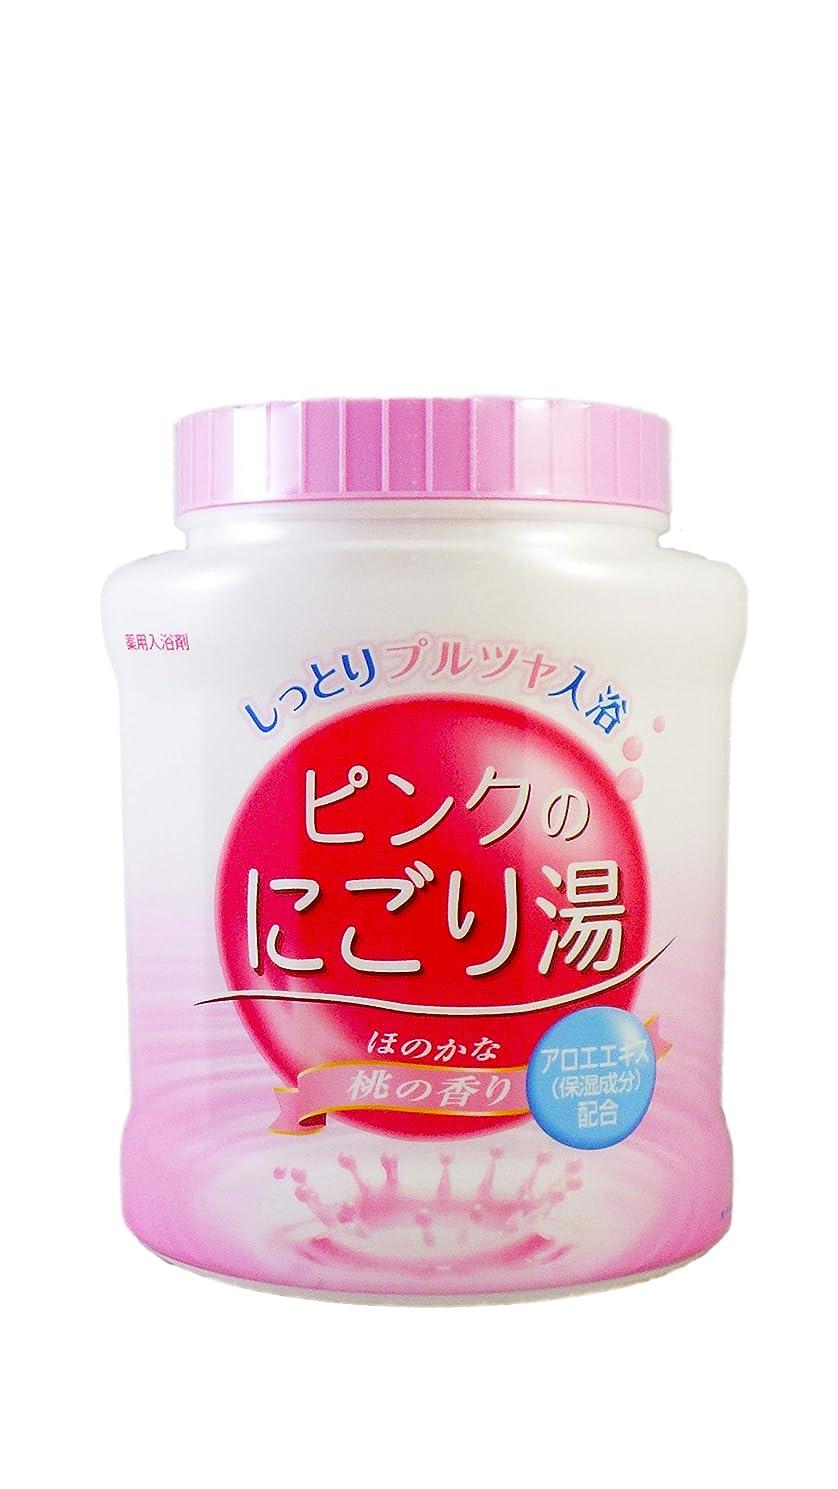 チャームラインナップ作家薬用入浴剤 ピンクのにごり湯 ほのかな桃の香り 天然保湿成分配合 医薬部外品 680g